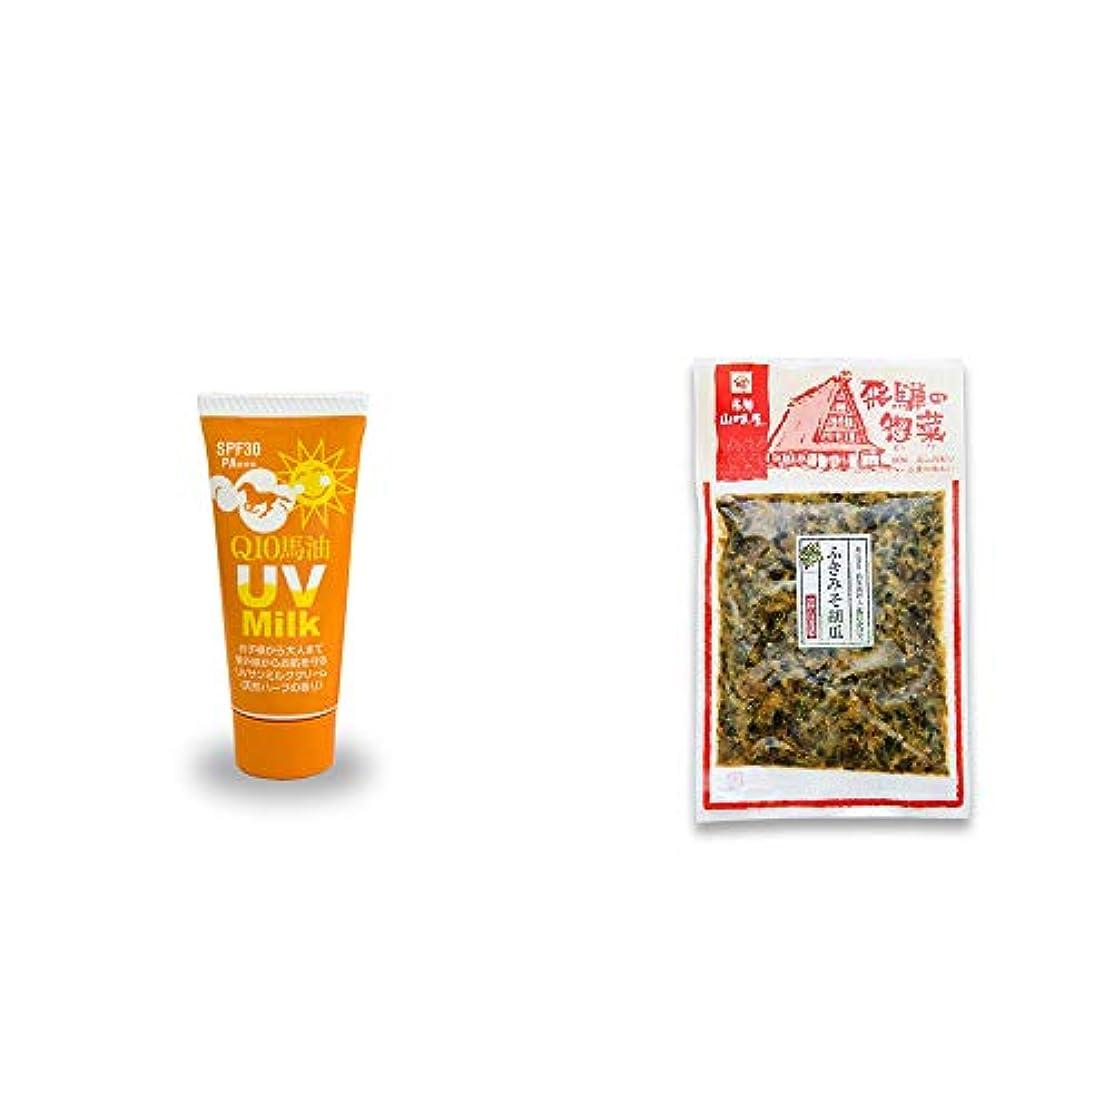 ハンサム品種菊[2点セット] 炭黒泉 Q10馬油 UVサンミルク[天然ハーブ](40g)?飛騨山味屋 ふきみそ胡瓜(120g)